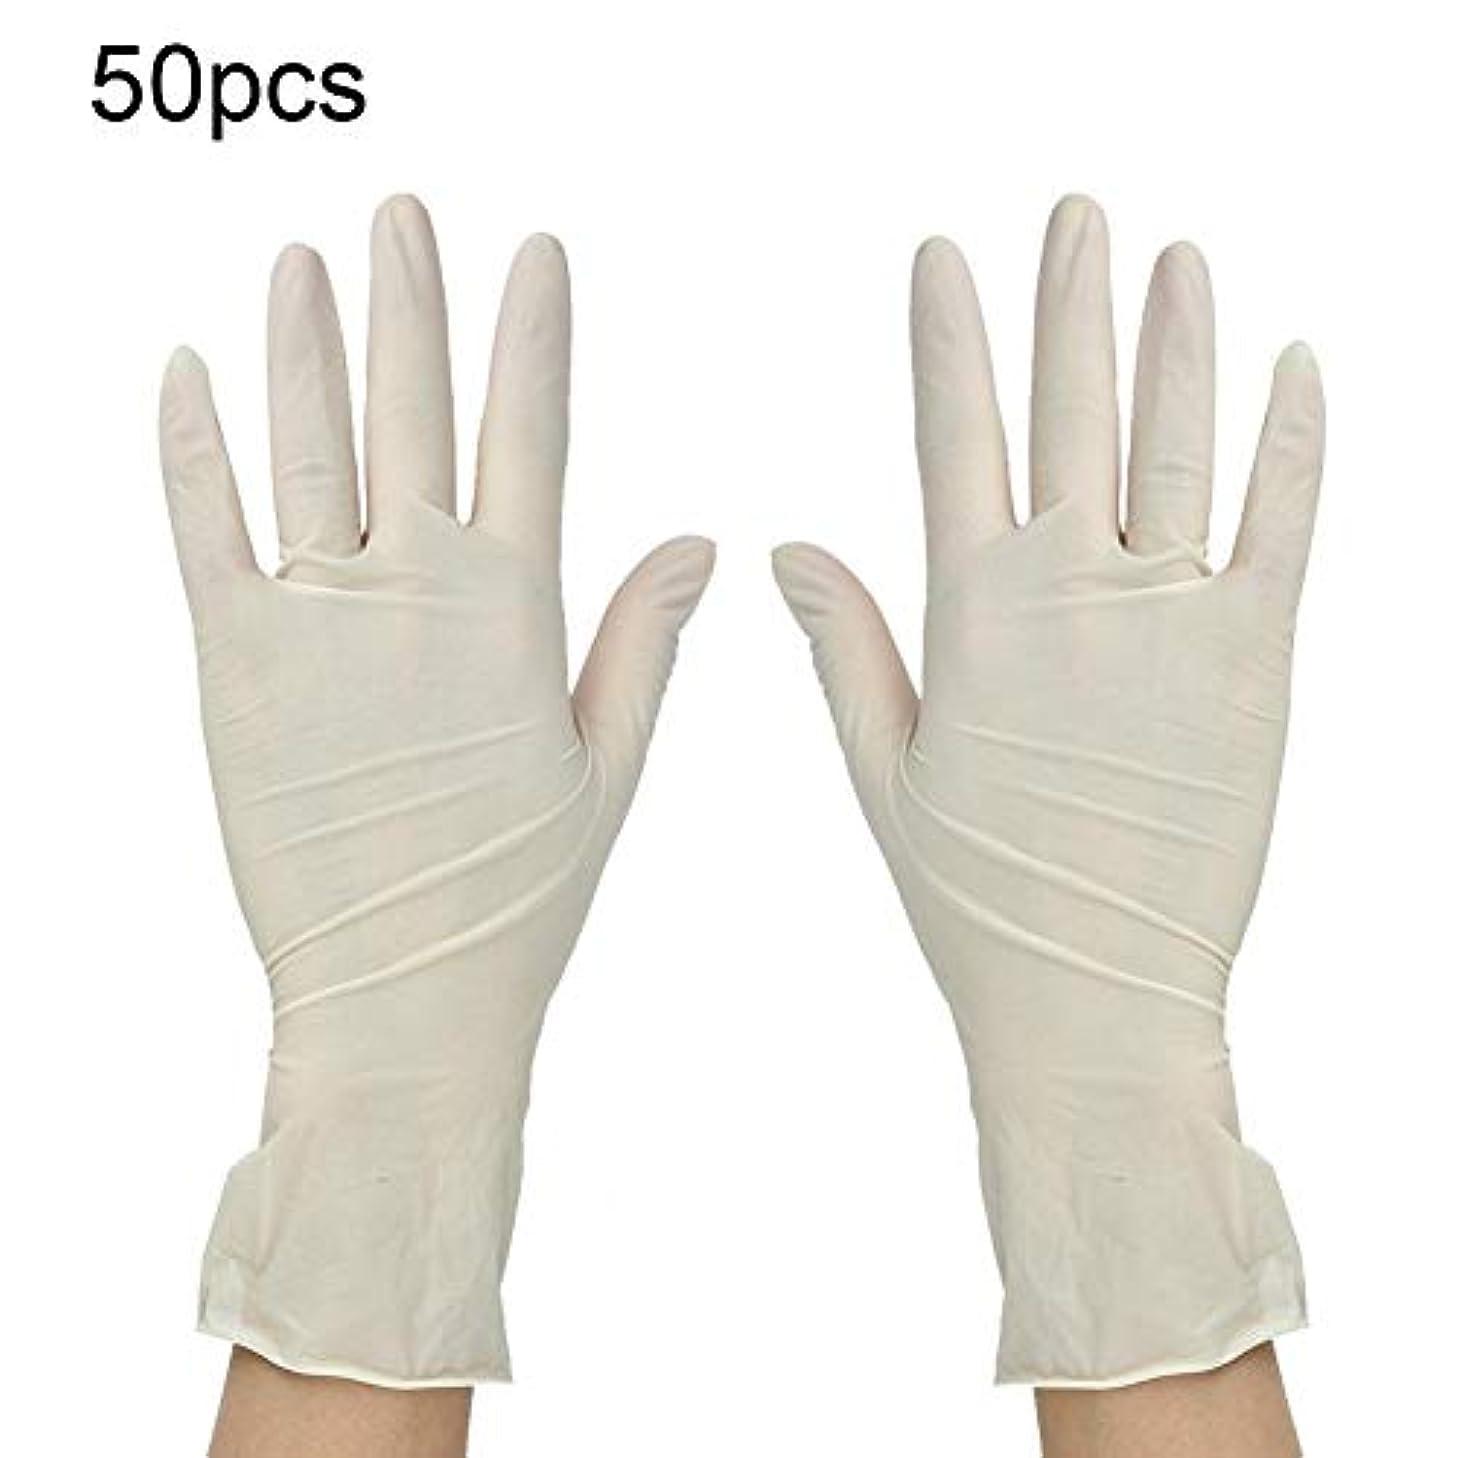 寺院シャツカジュアル50ペア/パック使い捨て手袋 エクストラストロングラテックスグローブ 美容院医療歯科 サービスクリーニング手袋(S)